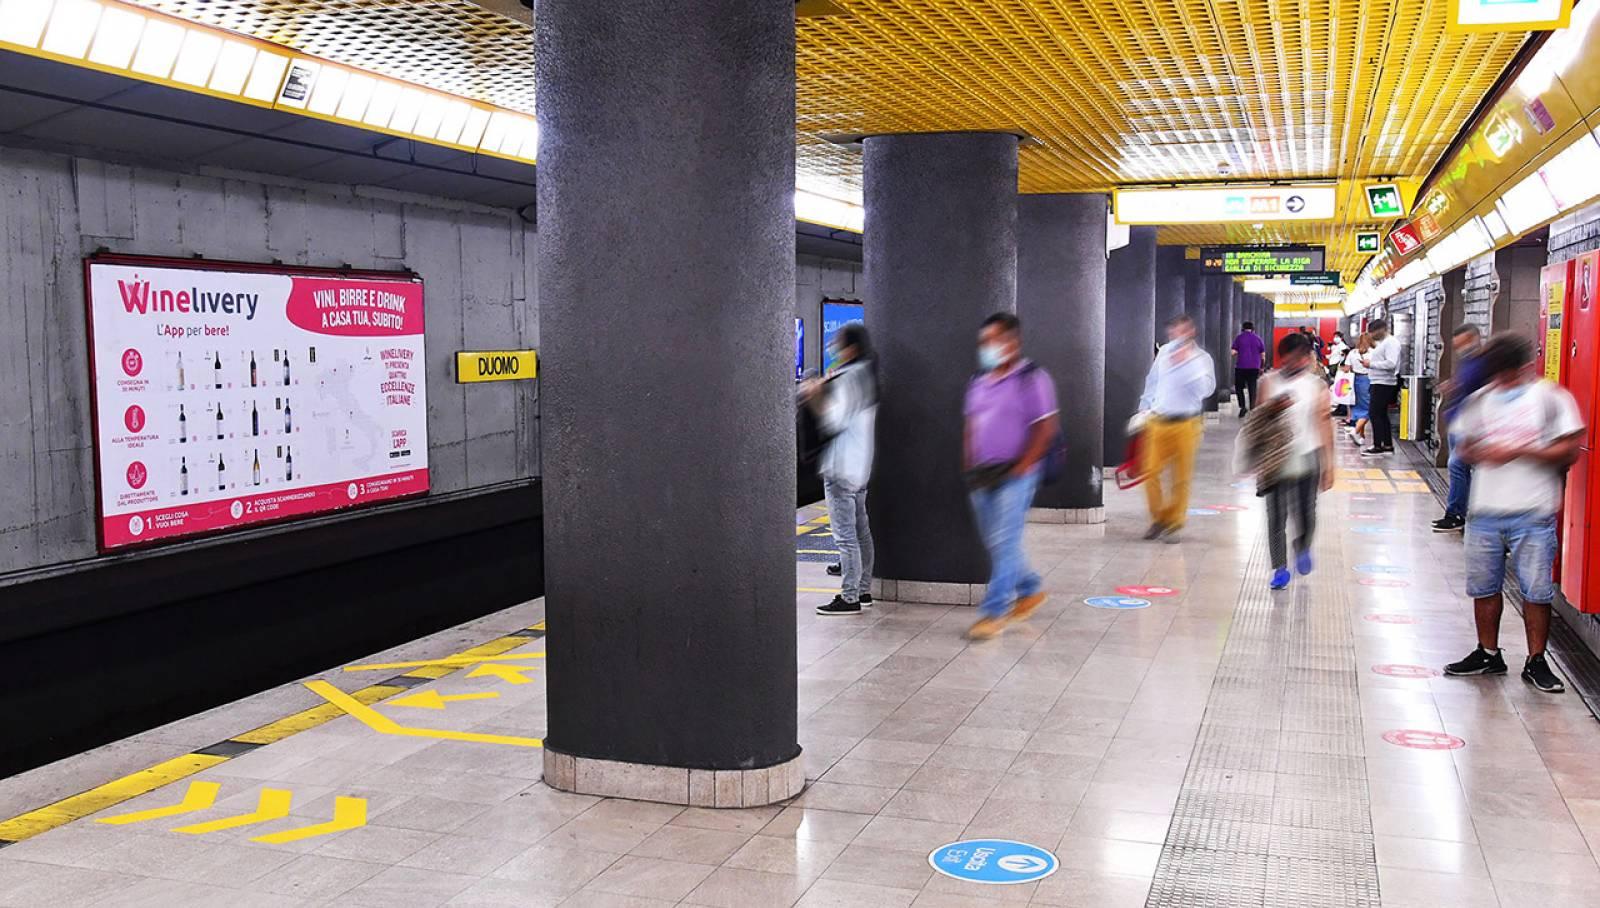 Pubblicità OOH metropolitana Milano Circuito Mini IGPDecaux per Winelivery